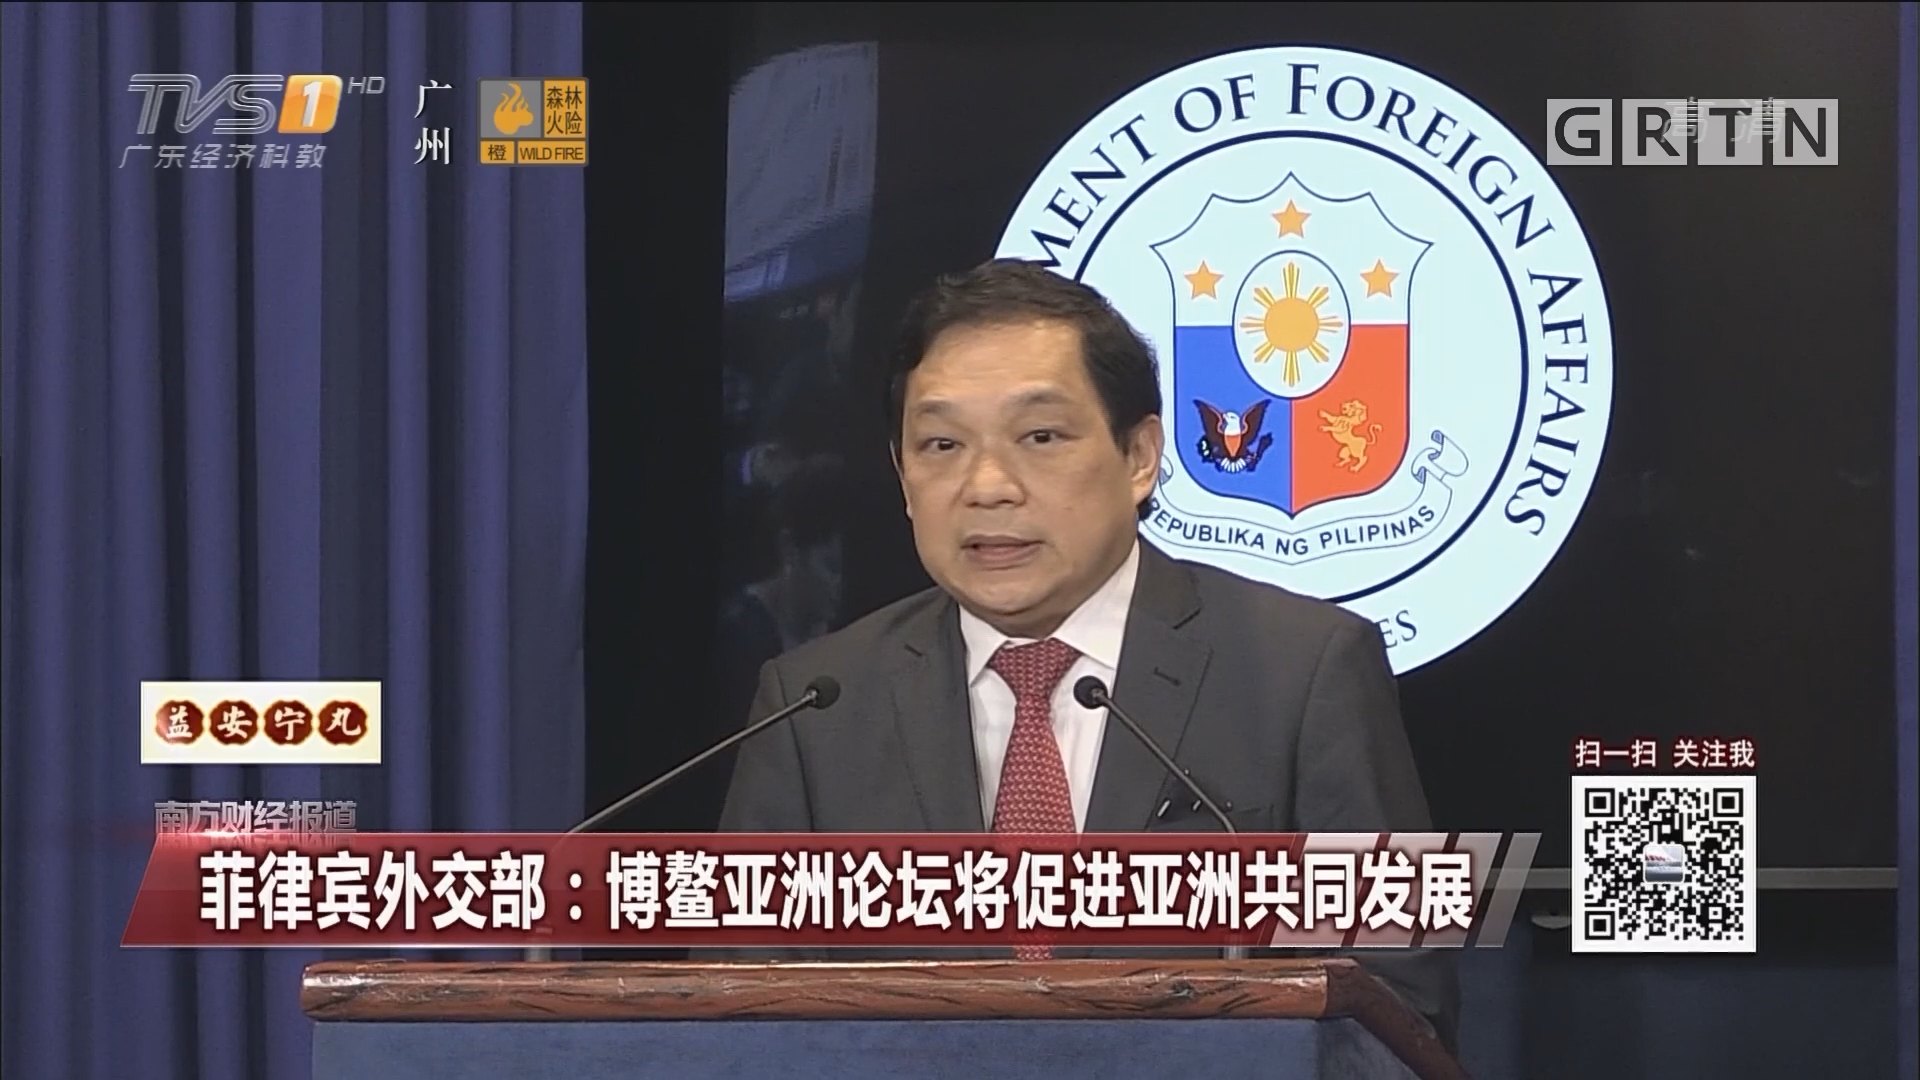 菲律宾外交部:博鳌亚洲论坛将促进亚洲共同发展